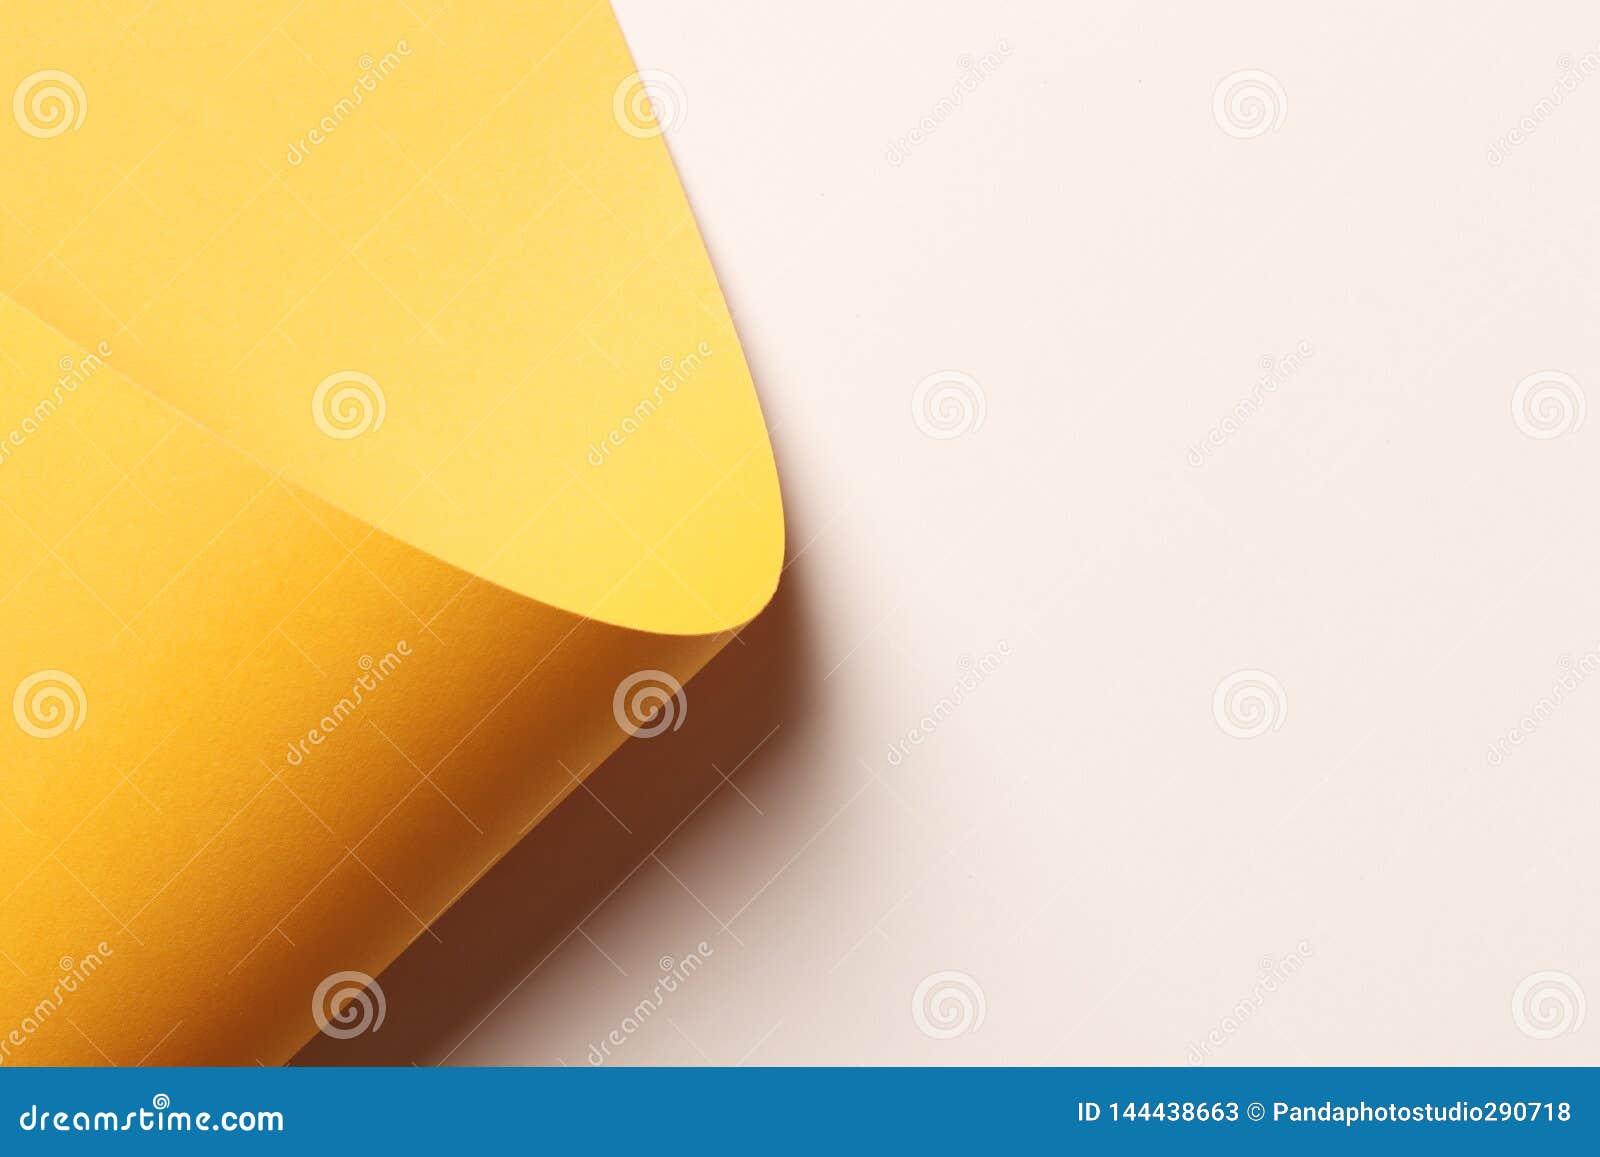 Φωτεινό πορτοκαλί αφηρημένο κενό υπόβαθρο εγγράφου